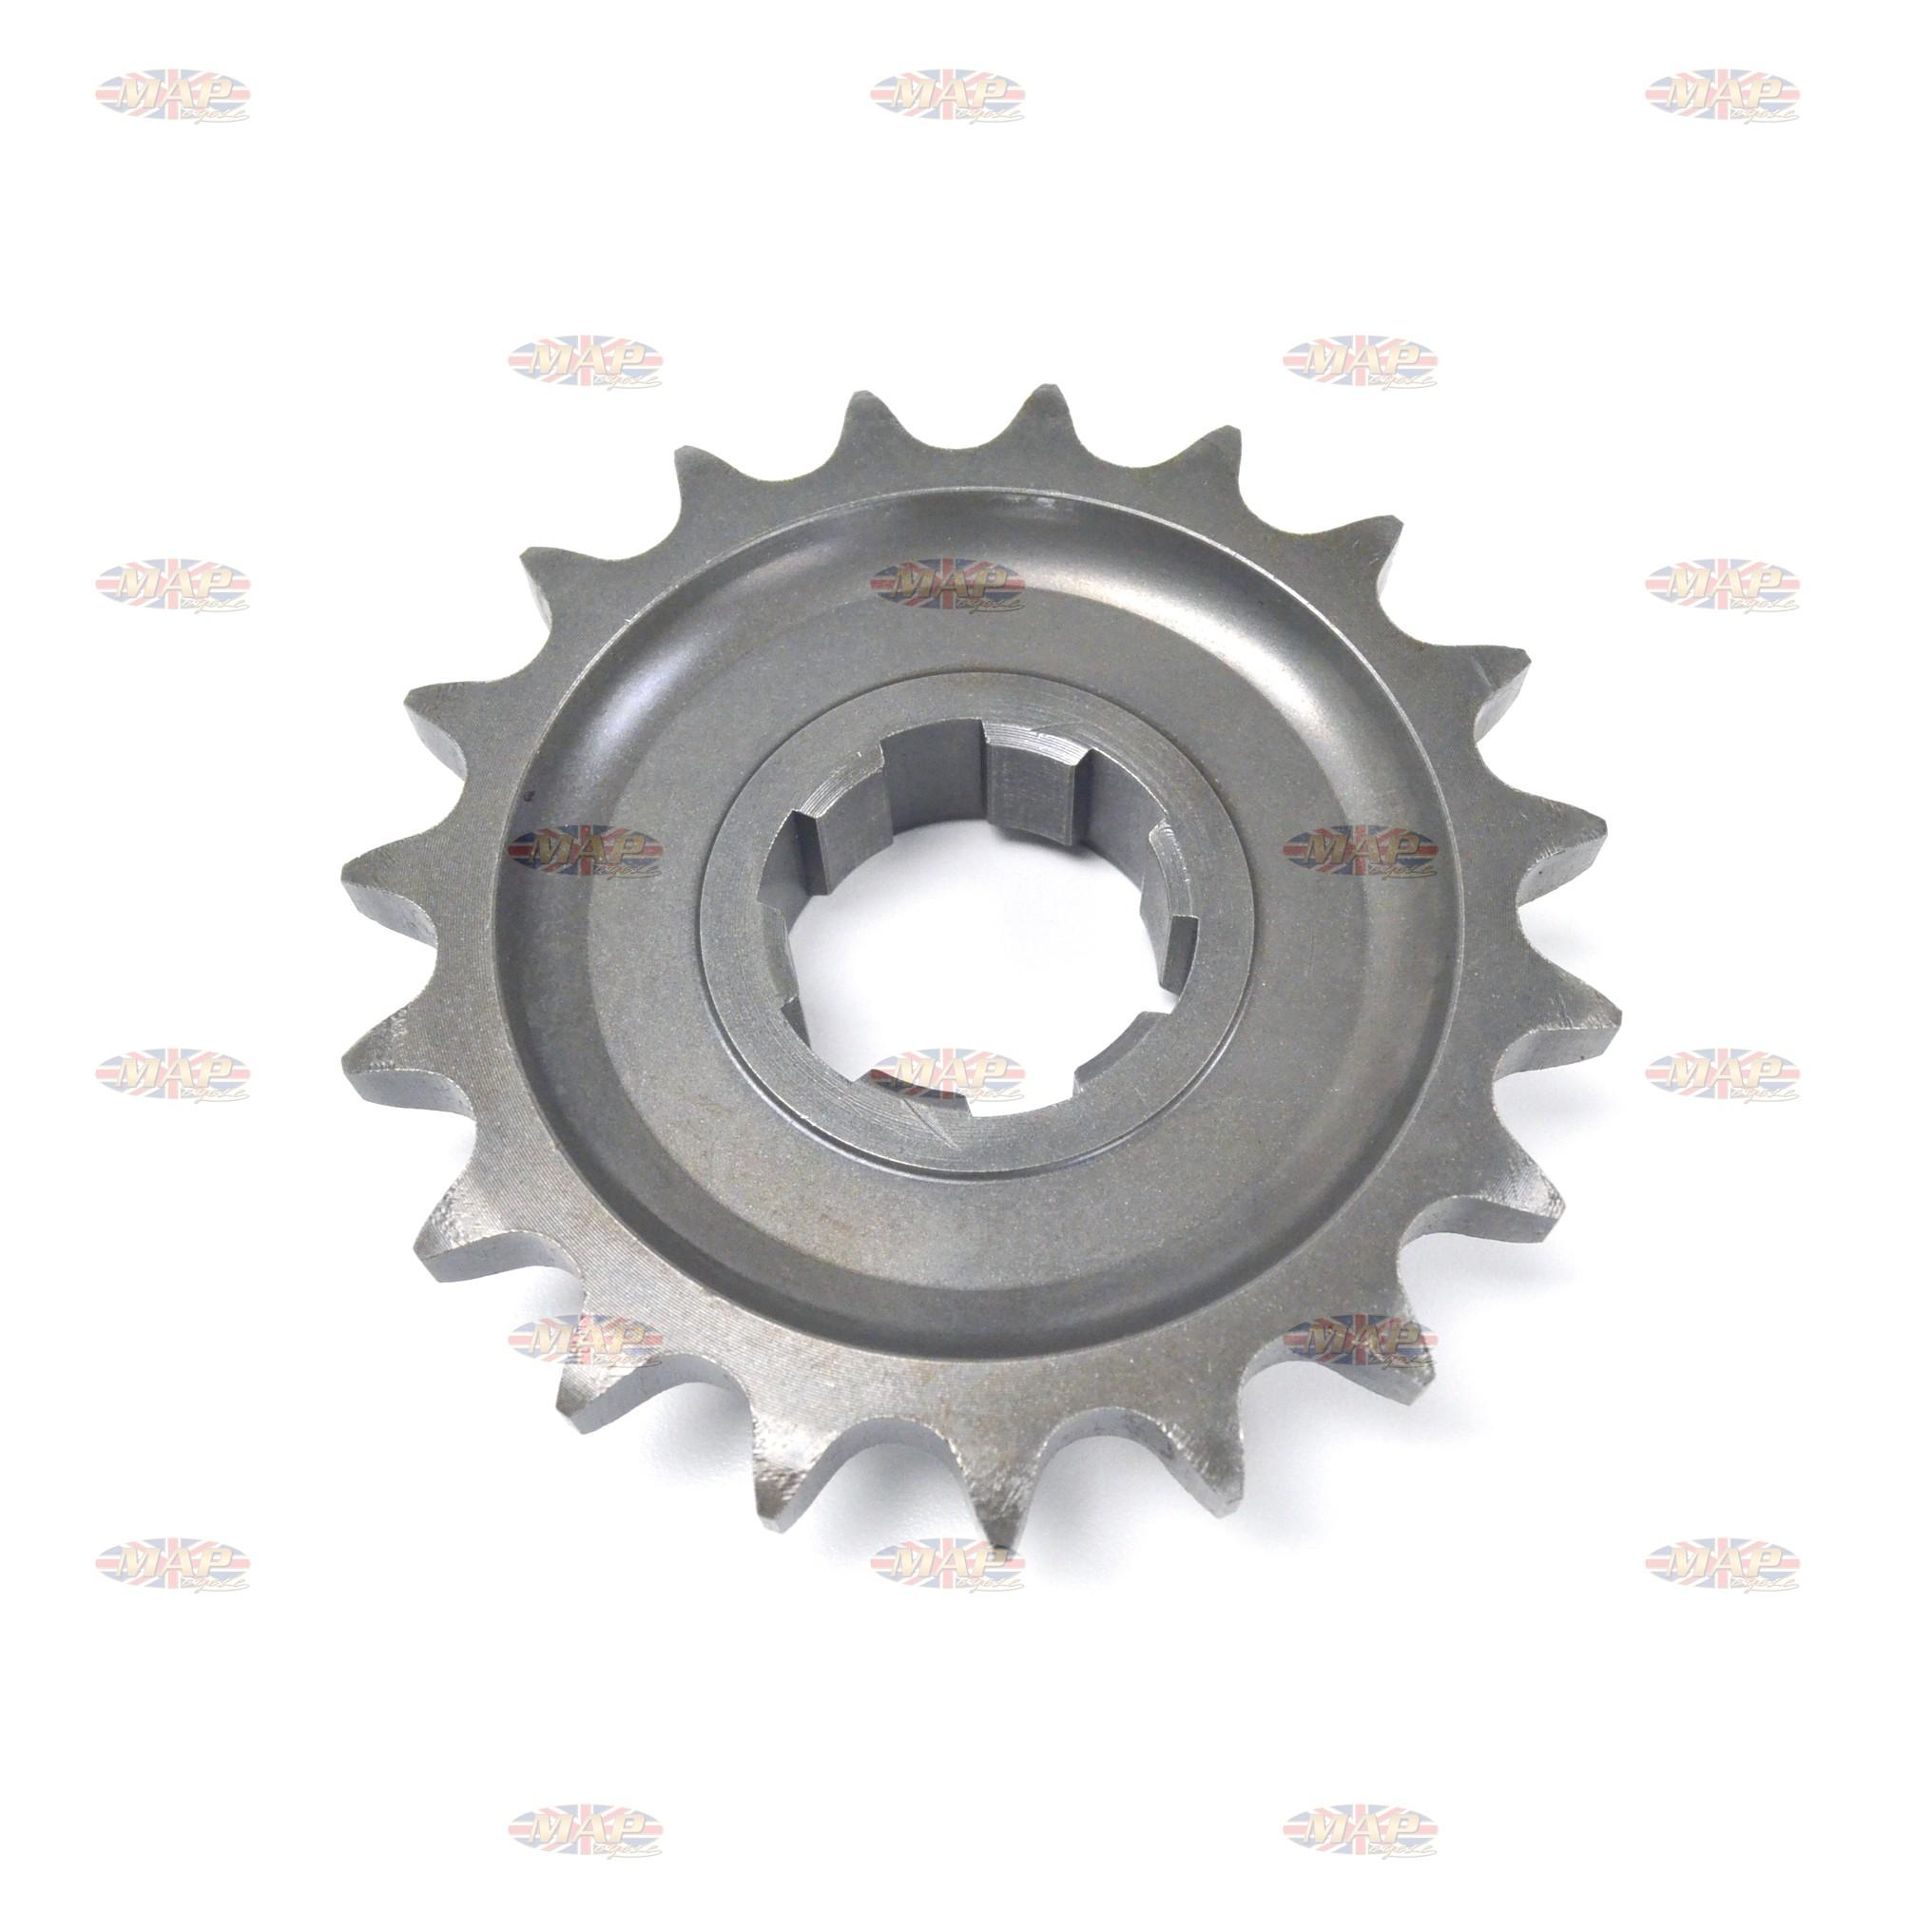 SPROCKET/ CS/ 19T A10 PATTERN 67-3065/E